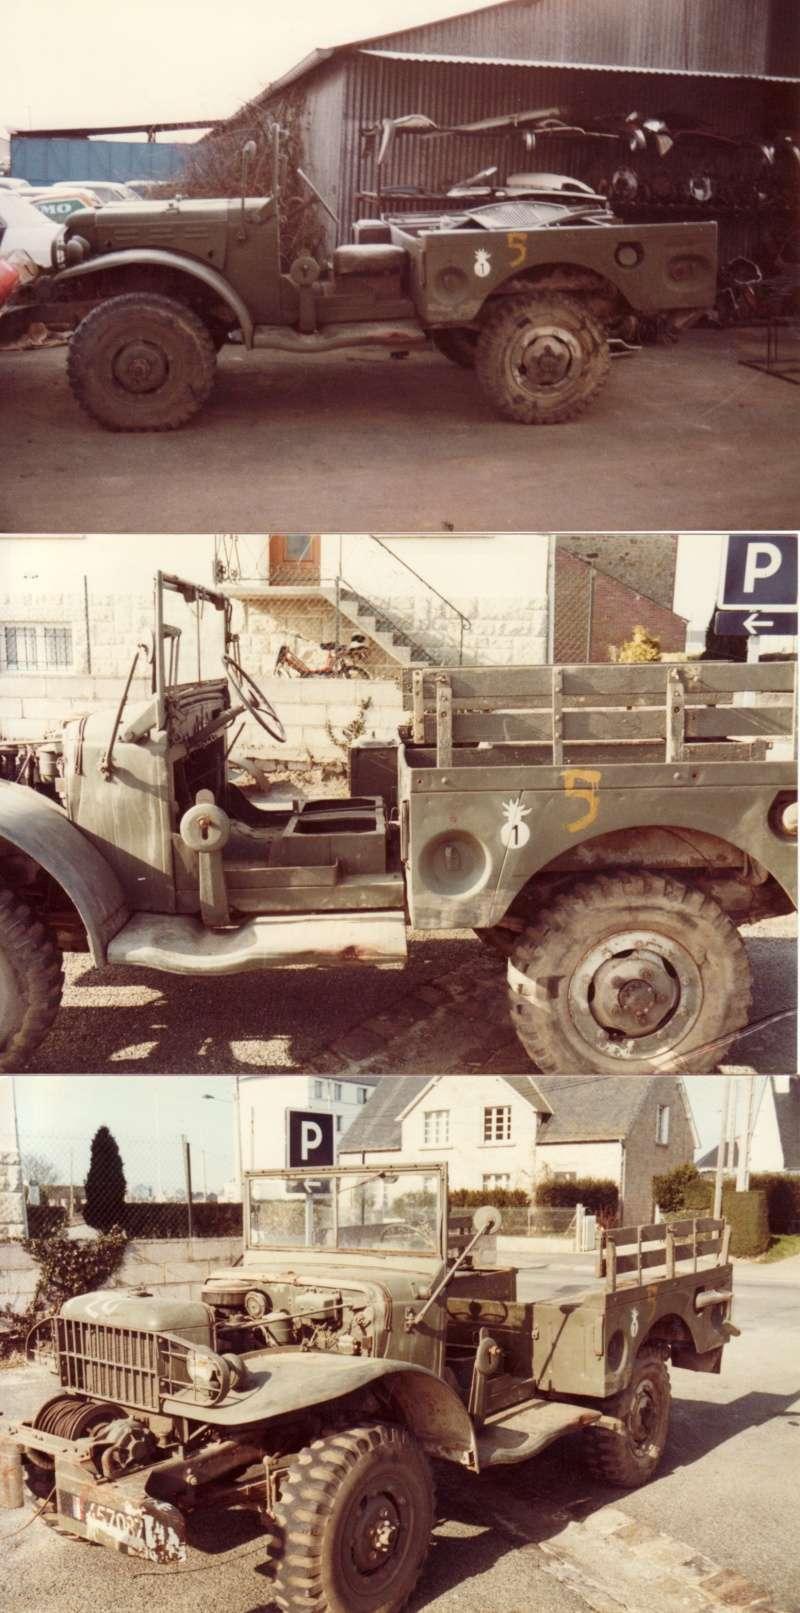 Restauration d'un Dodge (souvenirs 1980) Dodge_10